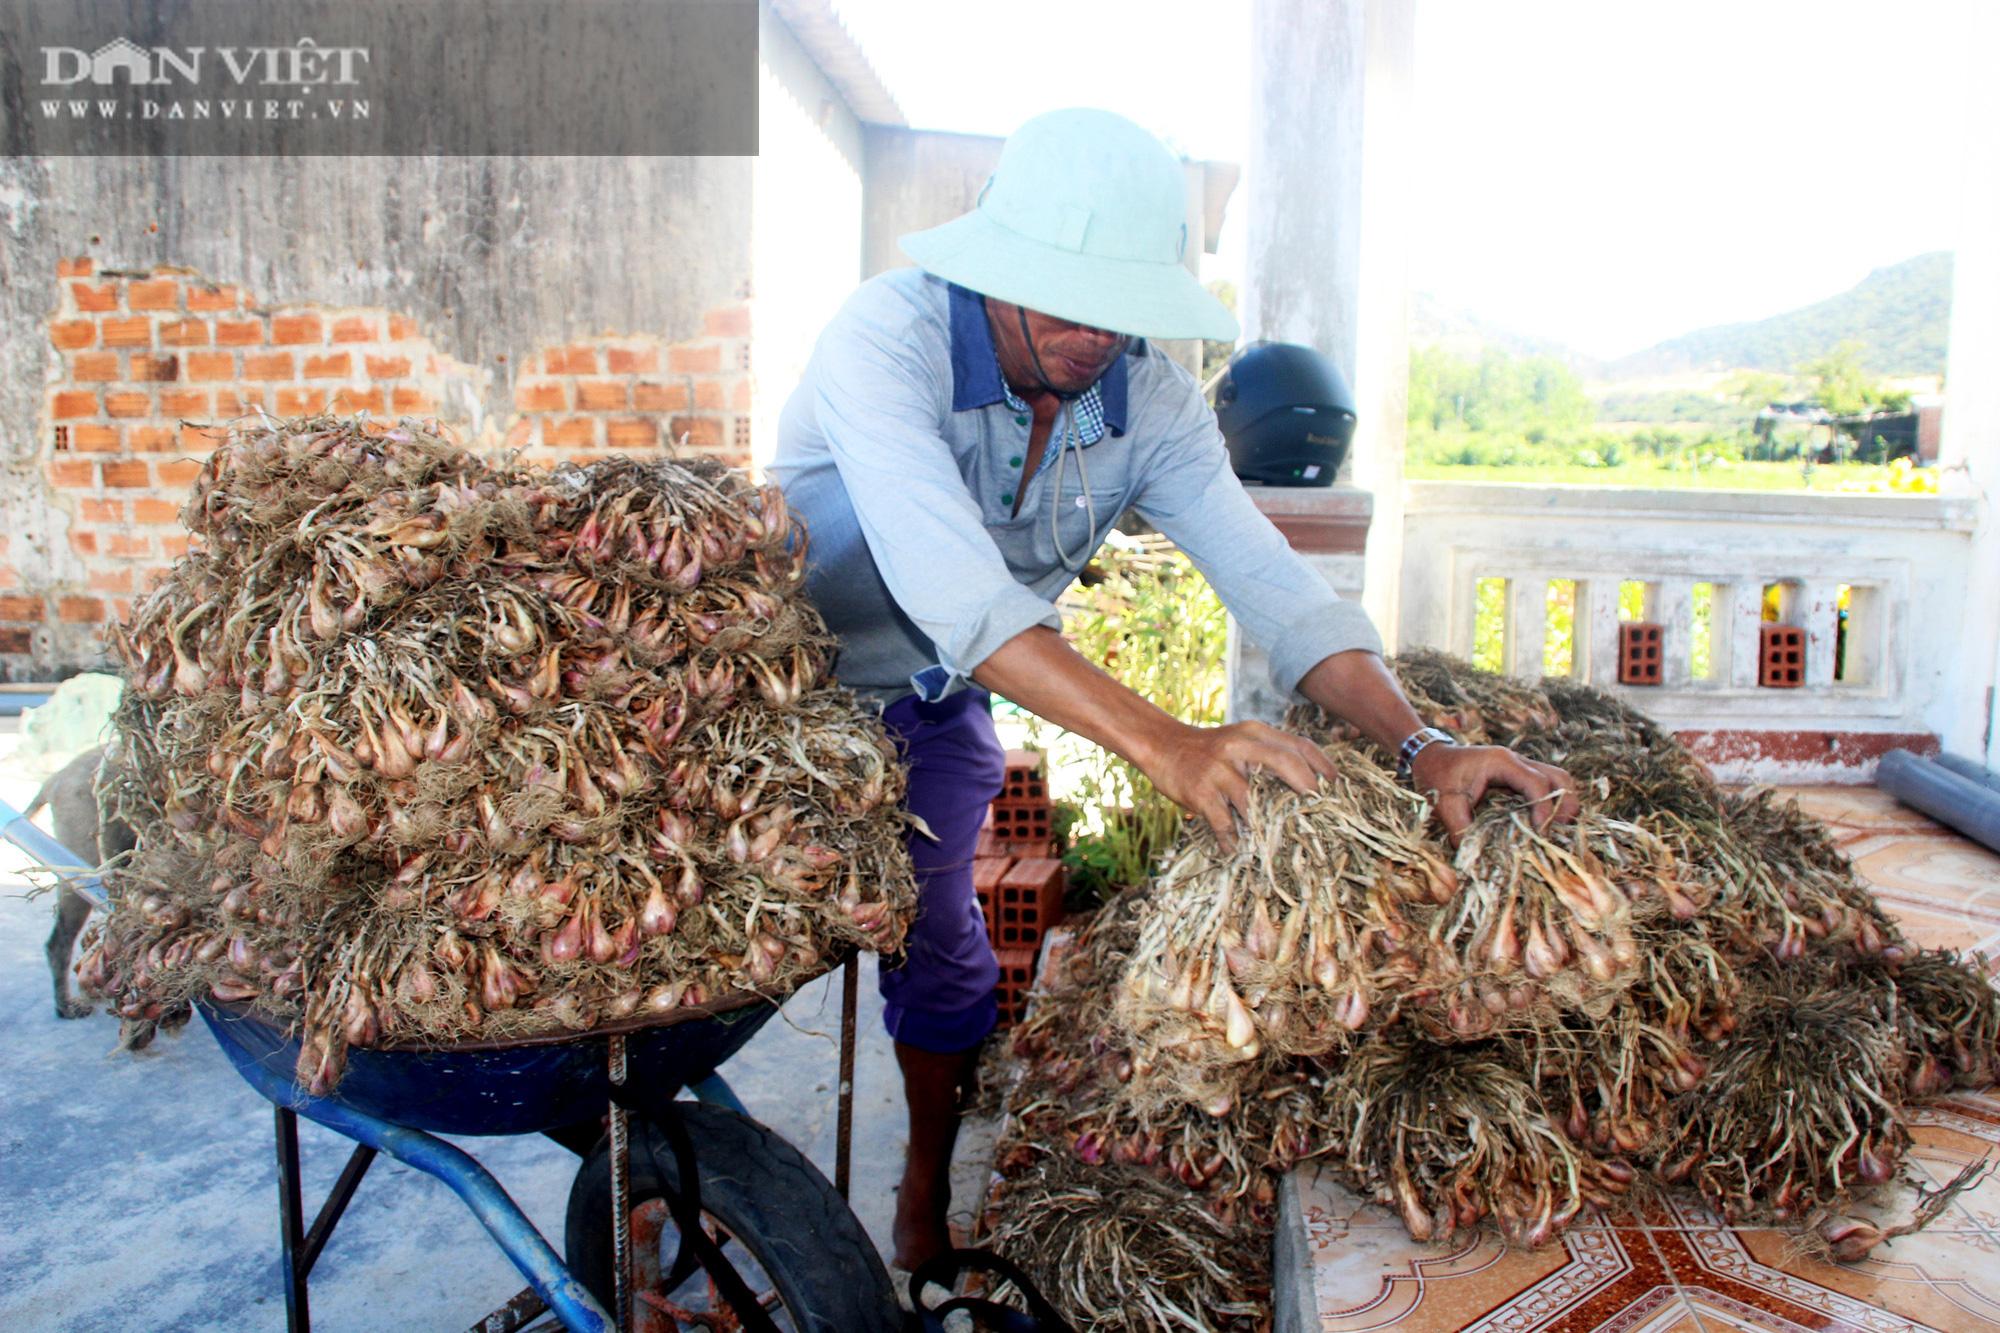 """Giá hành tím bất ngờ hạ giá, bán 1kg không mua nổi ổ bánh mì, nông dân Bình Định lao vào cú """"sốc"""" - Ảnh 3."""